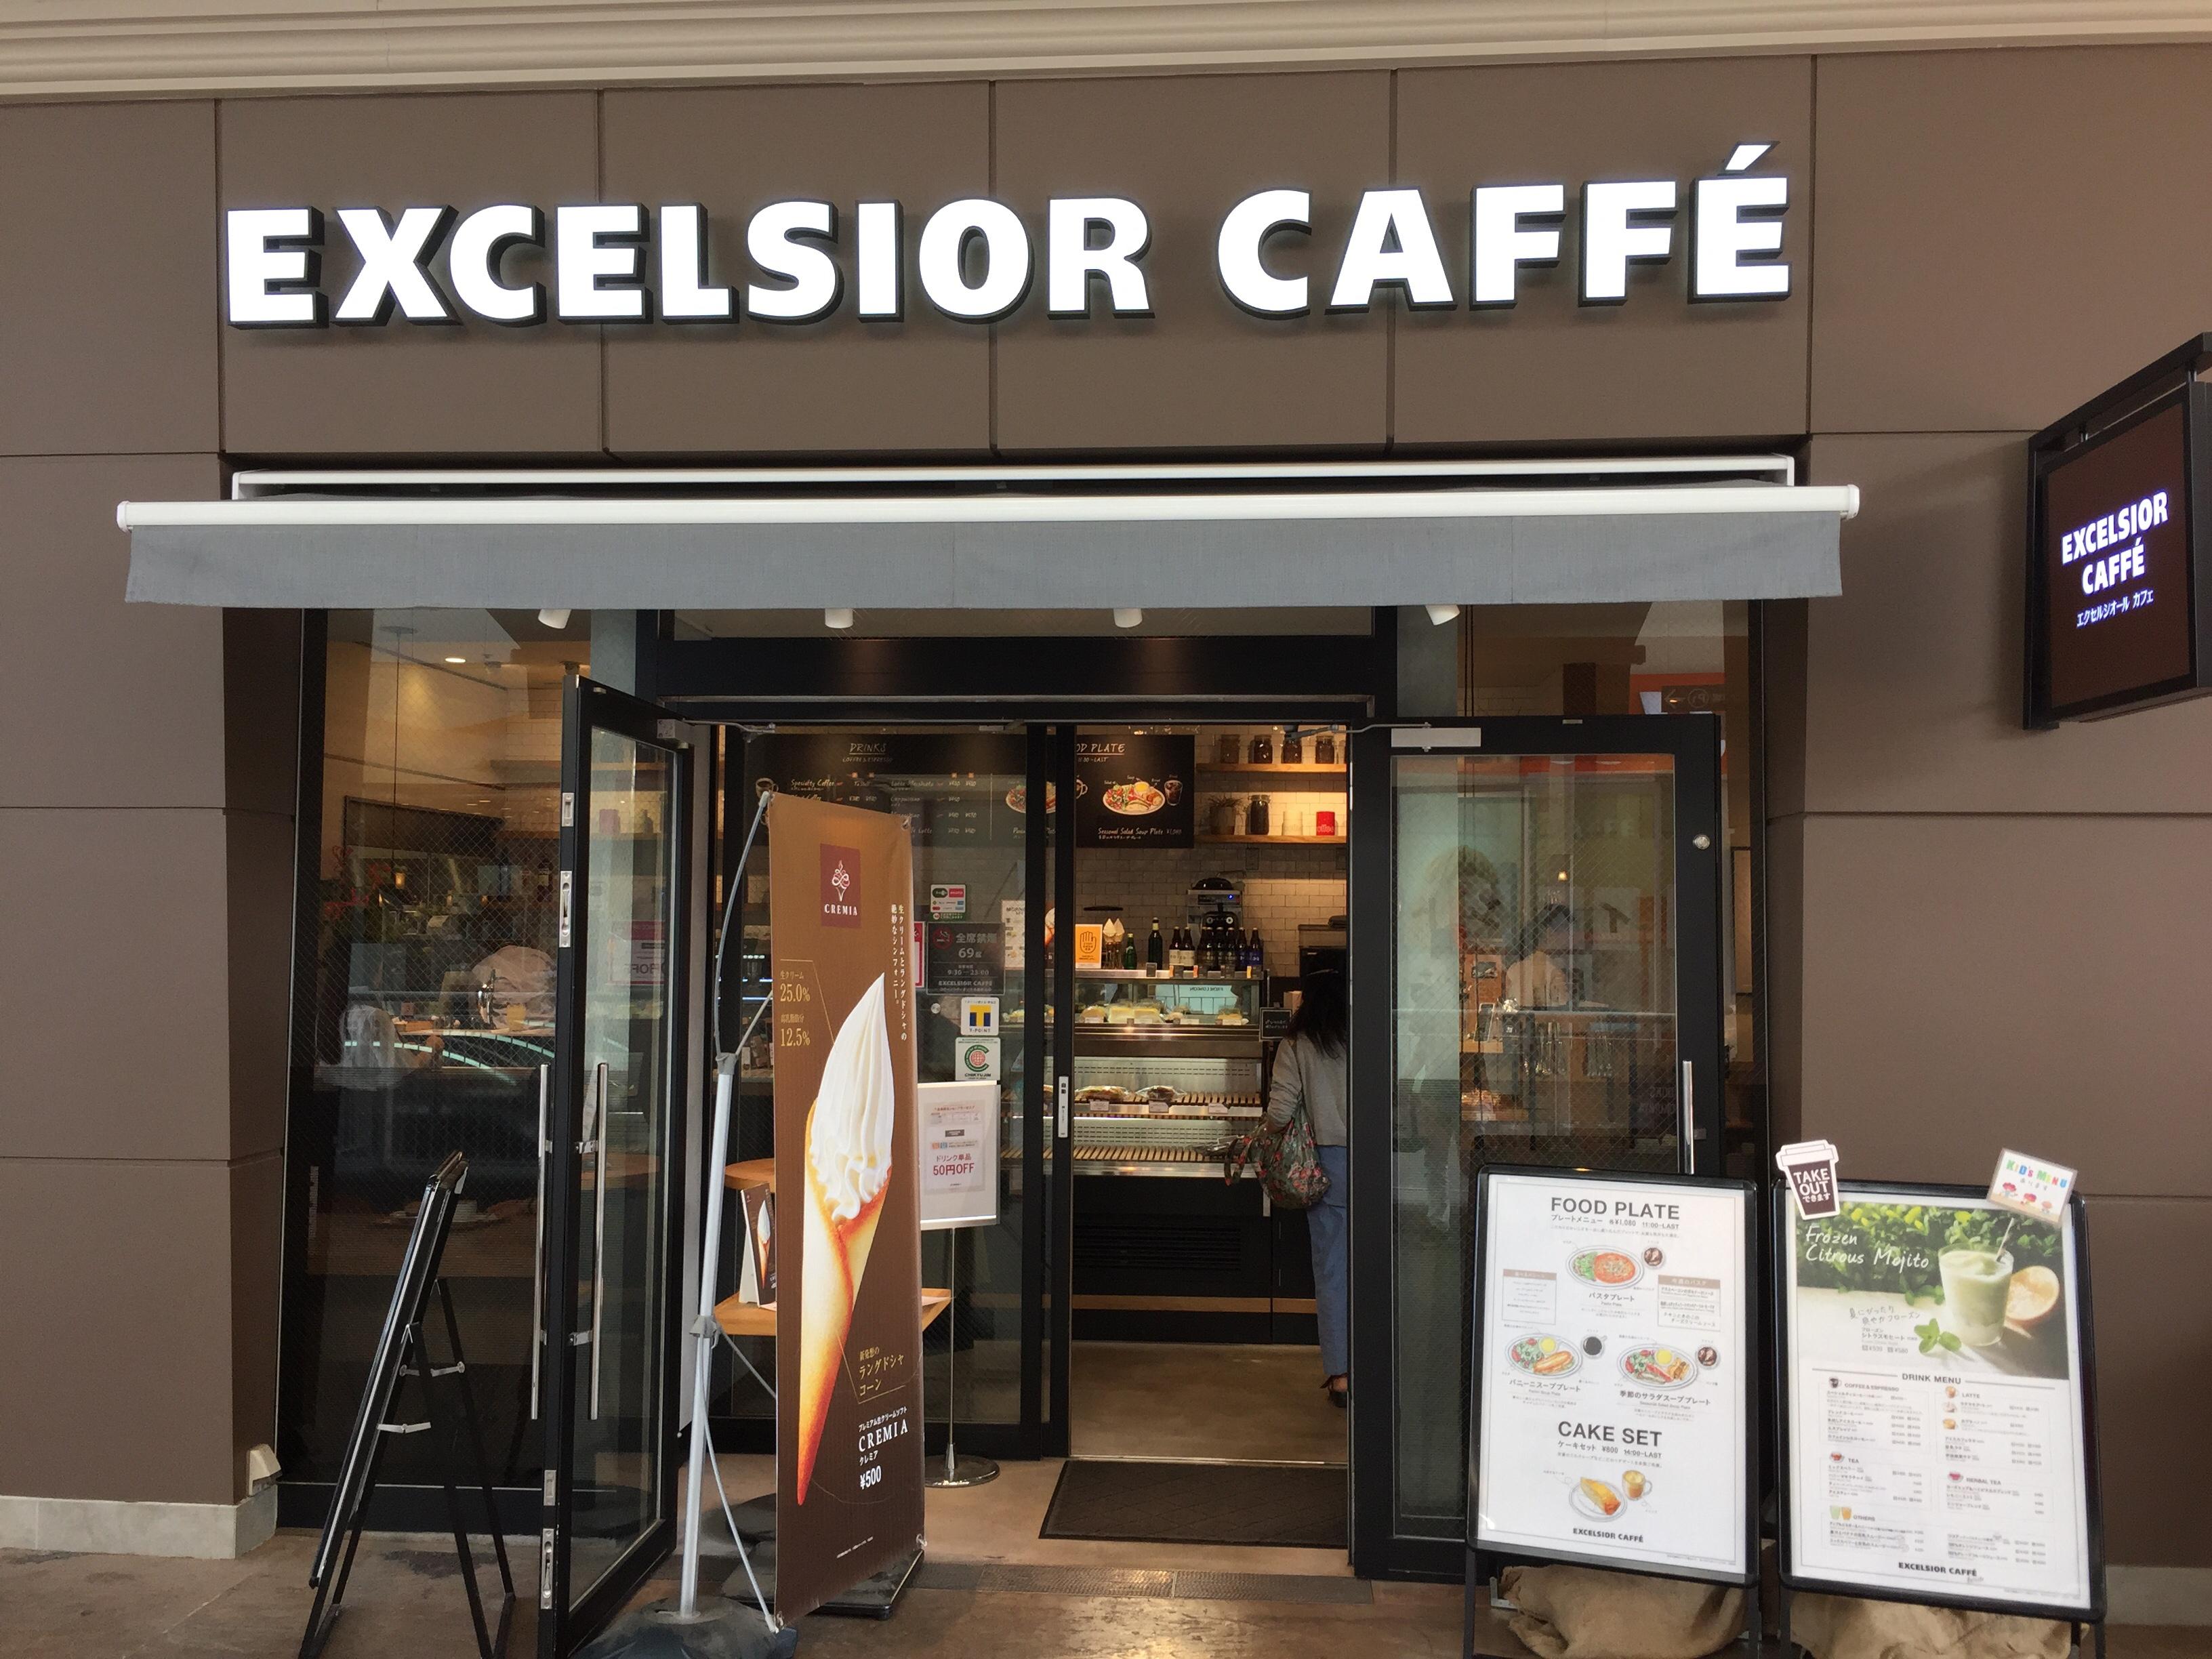 さいたま新都心駅東口 電源カフェ エクセルシオールカフェ バリスタ コクーンシティさいたま新都心店